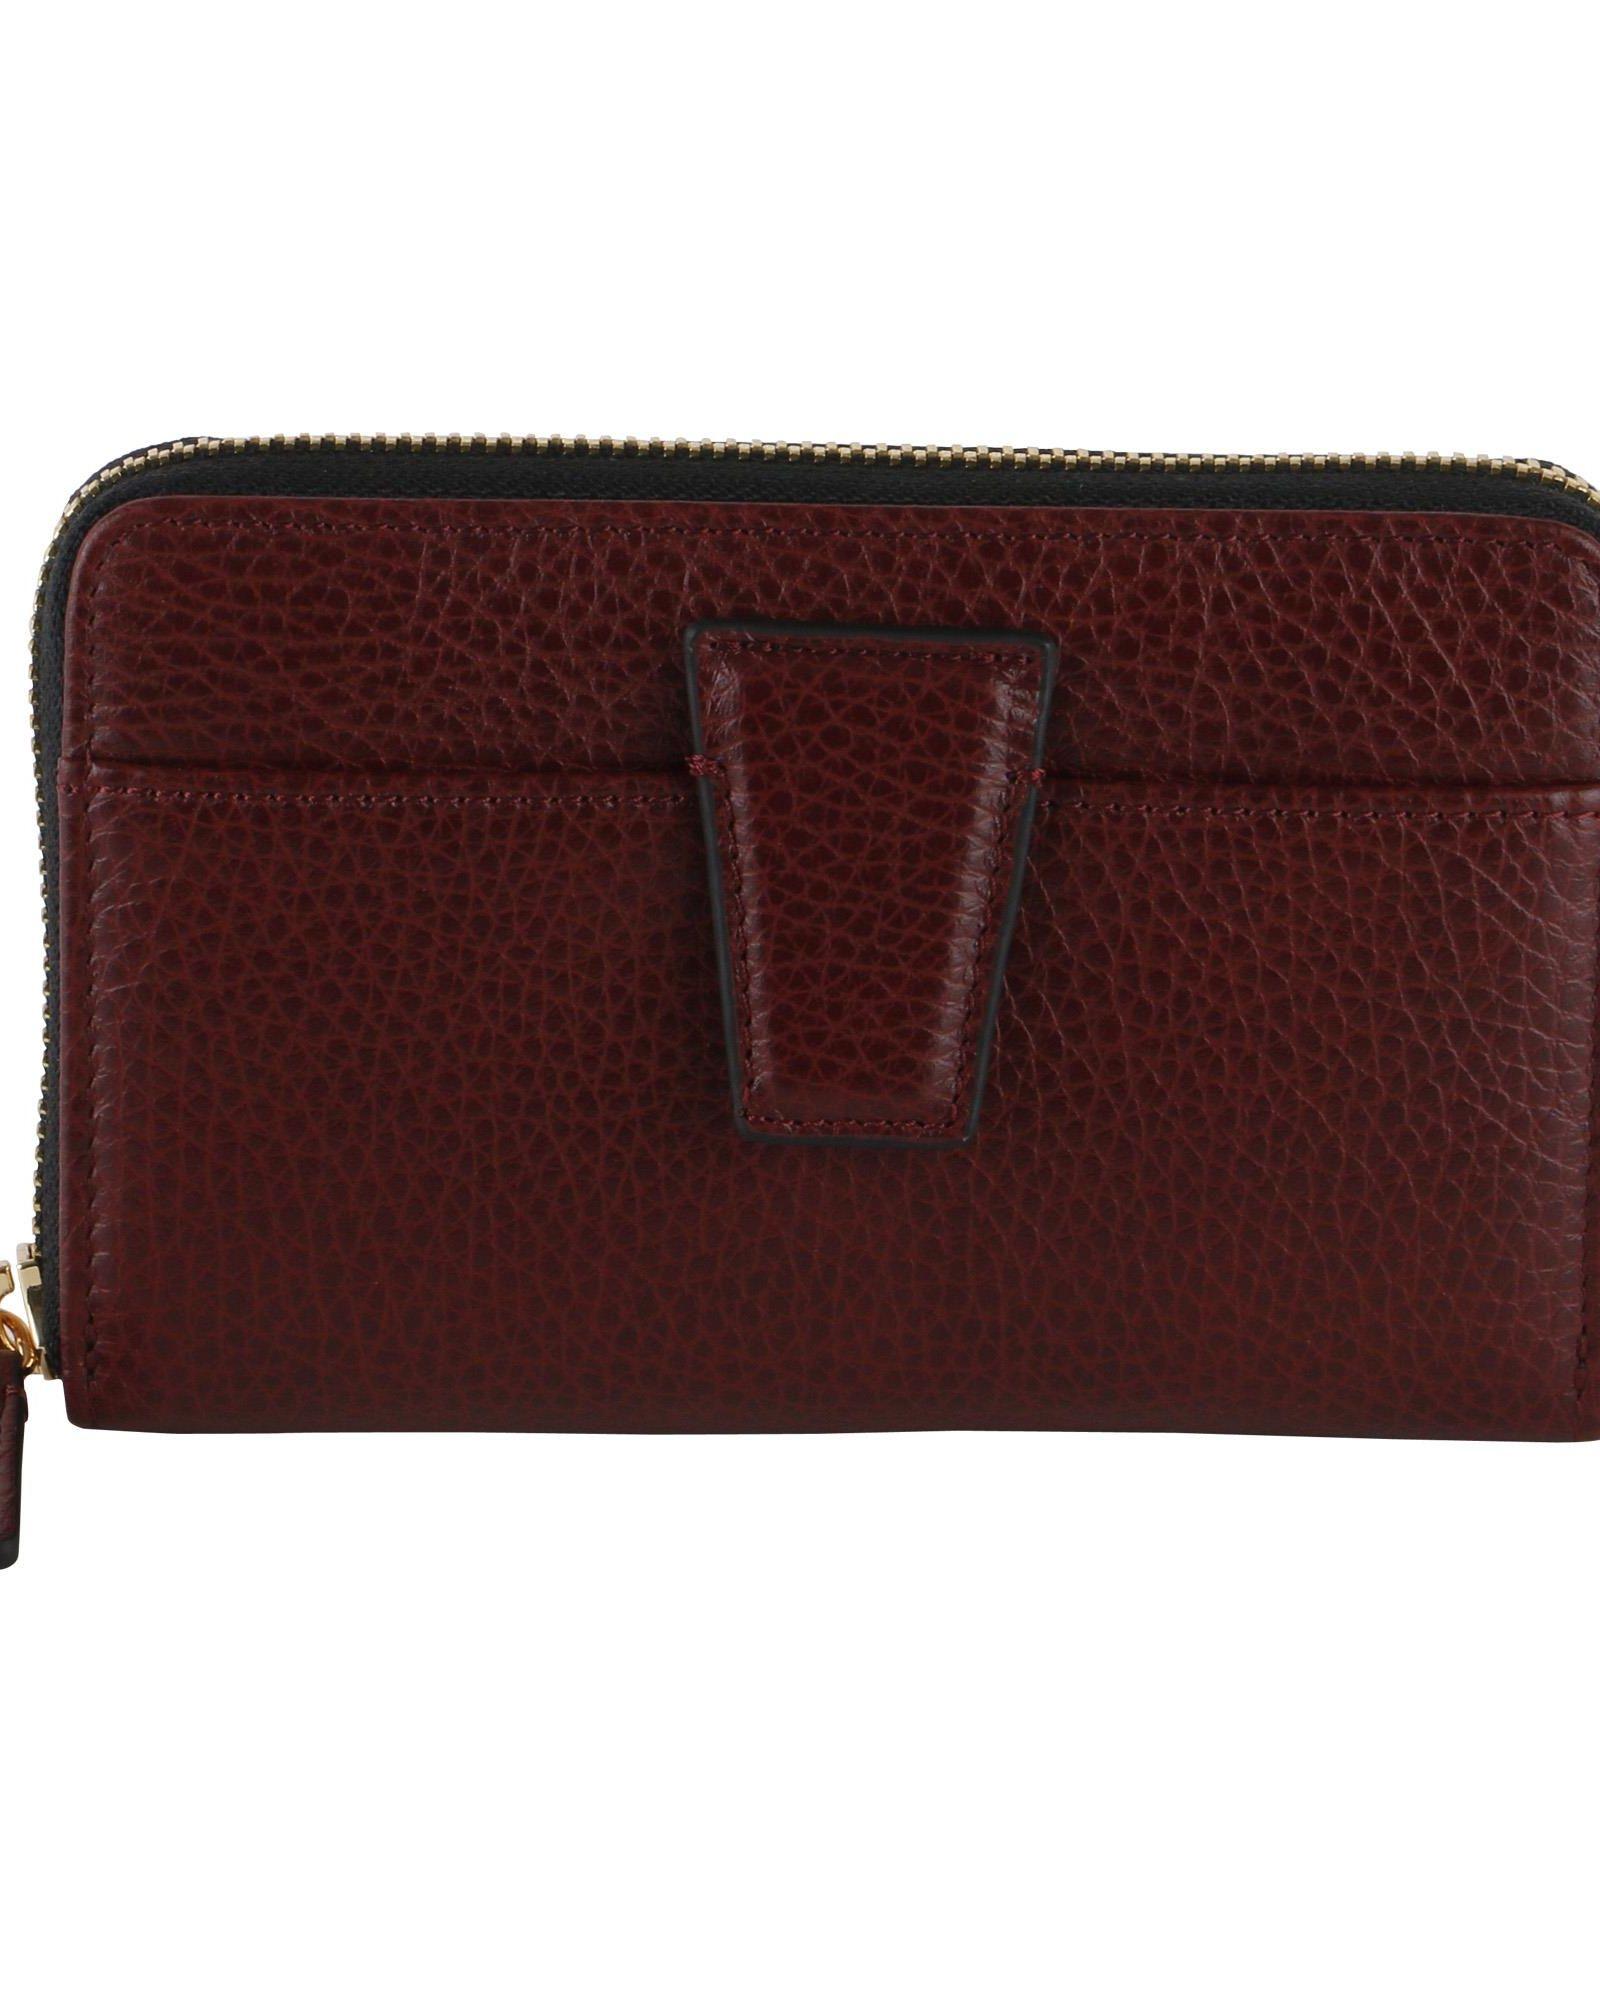 GIANNI CHIARINI Merlot Grained Leather Wallet in Bordeaux